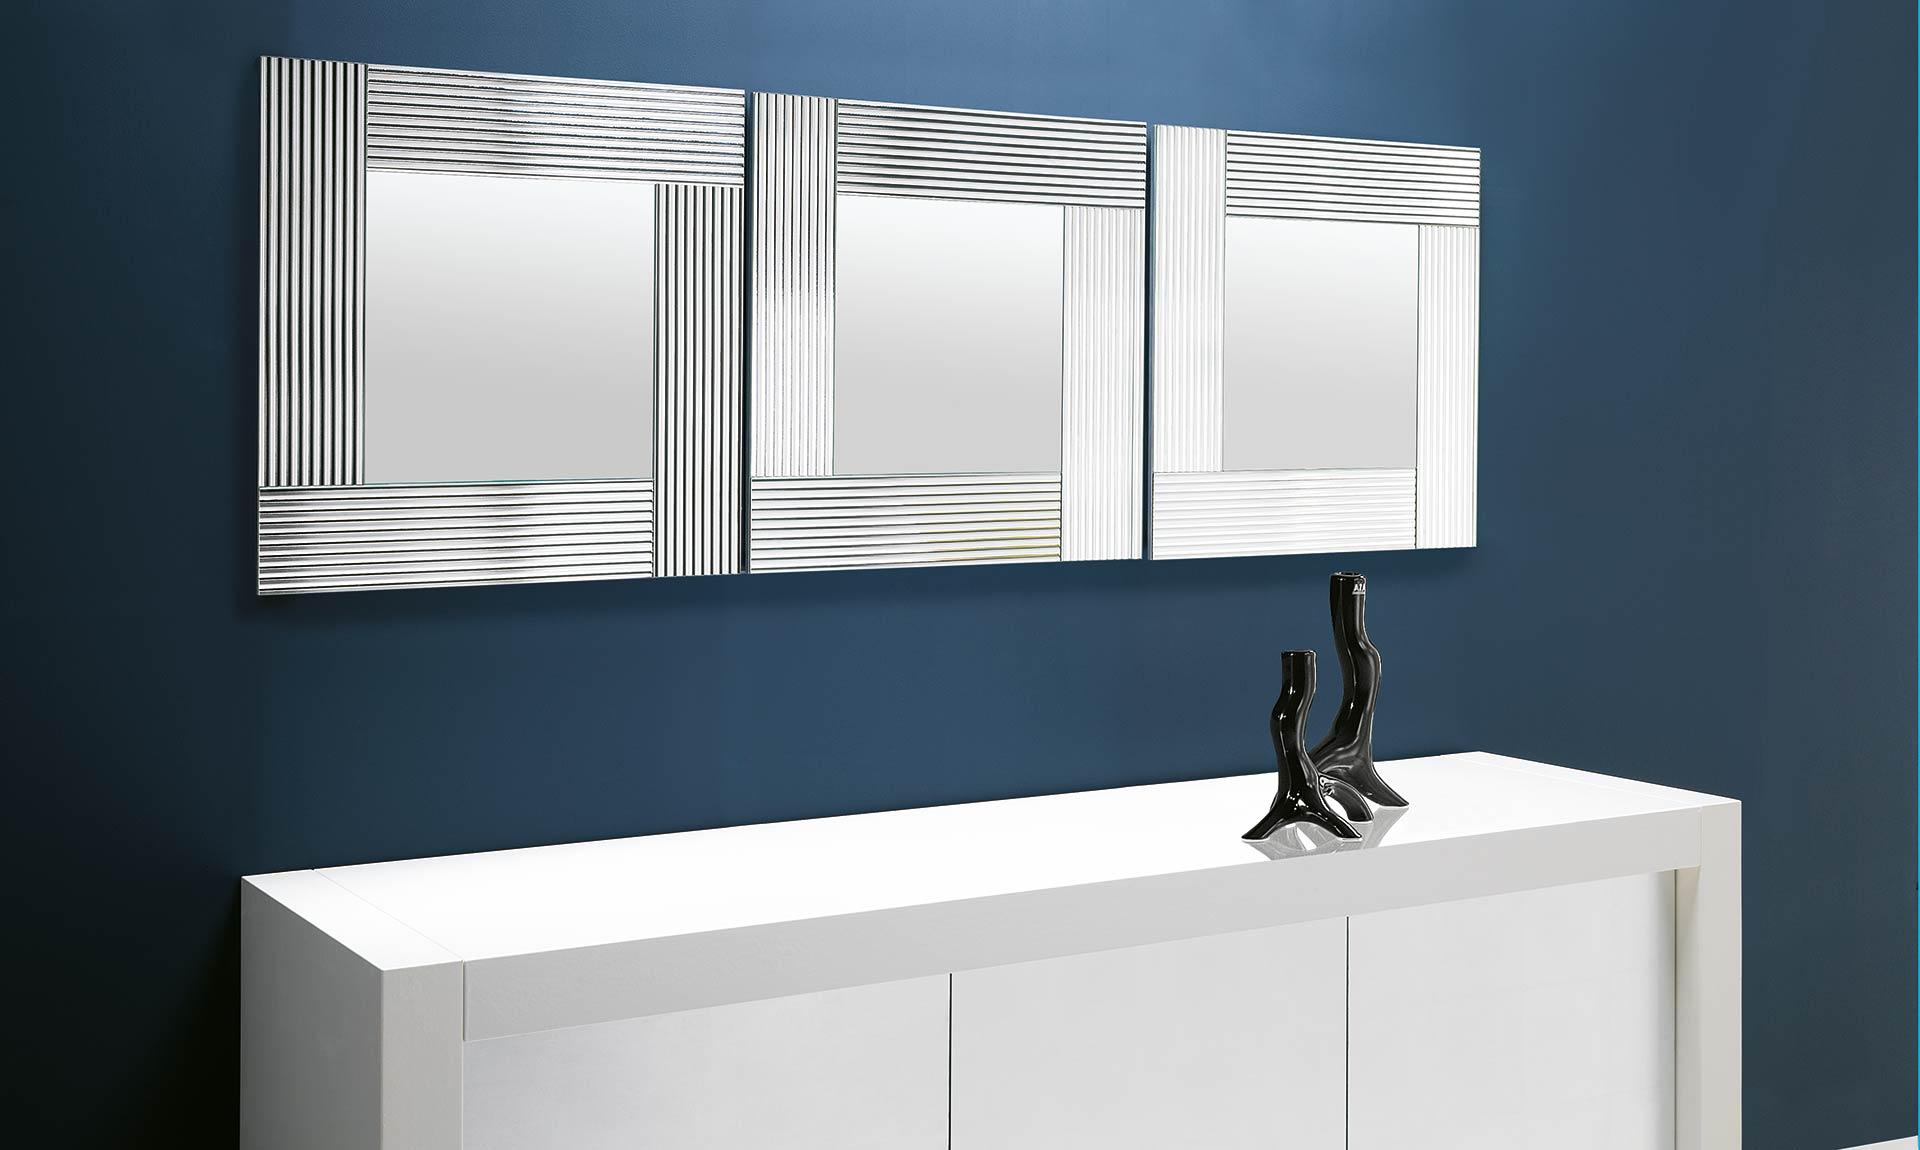 Specchio con cornice specchiante flute meroni arreda - Specchio con cornice ...